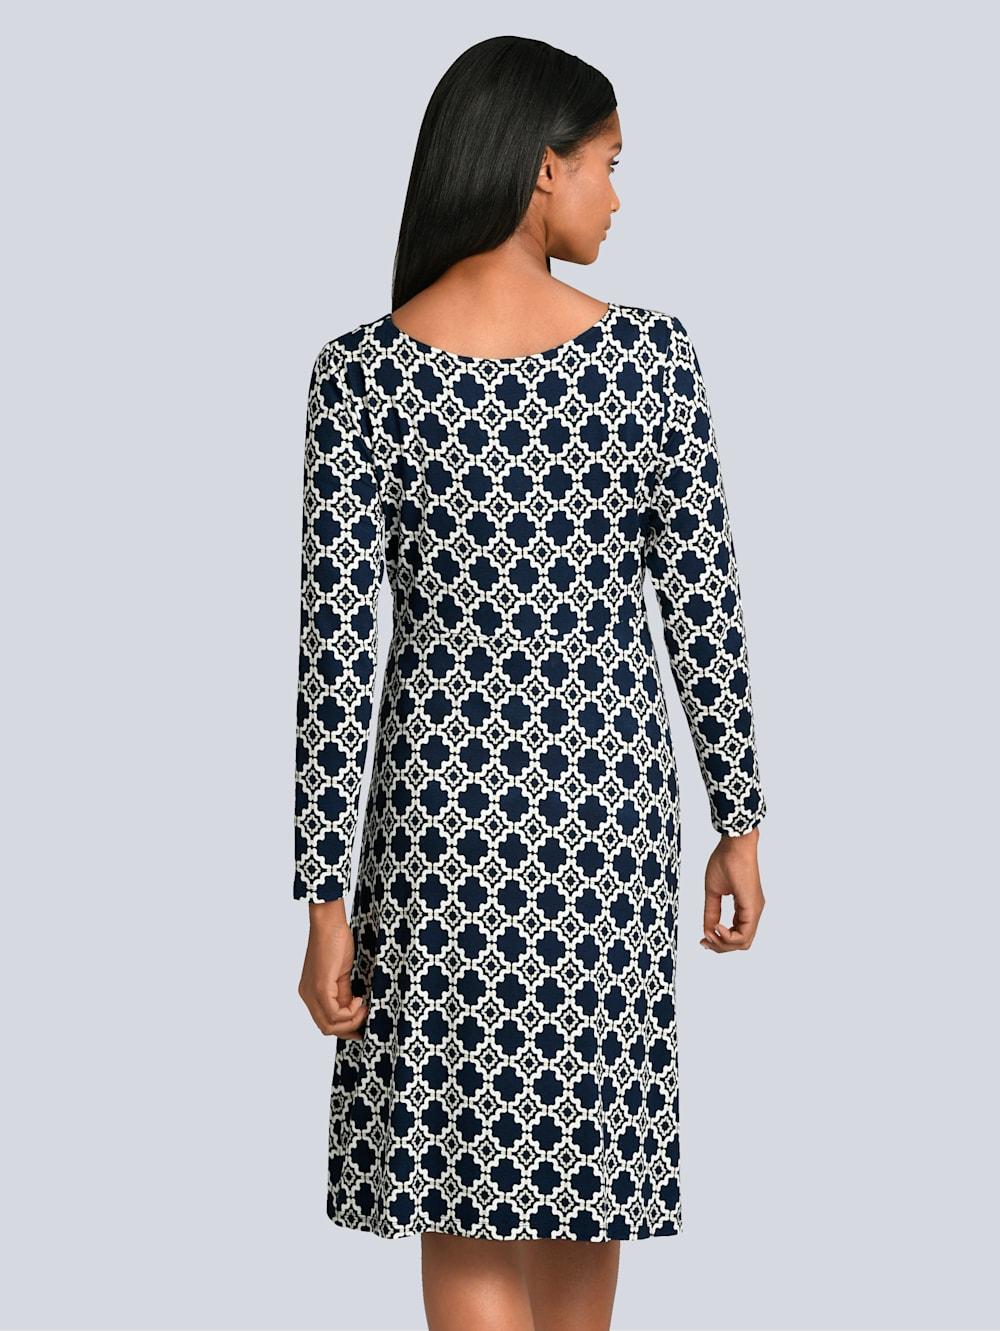 alba moda kleid mit eleganter wickeloptik im vorderteil   klingel